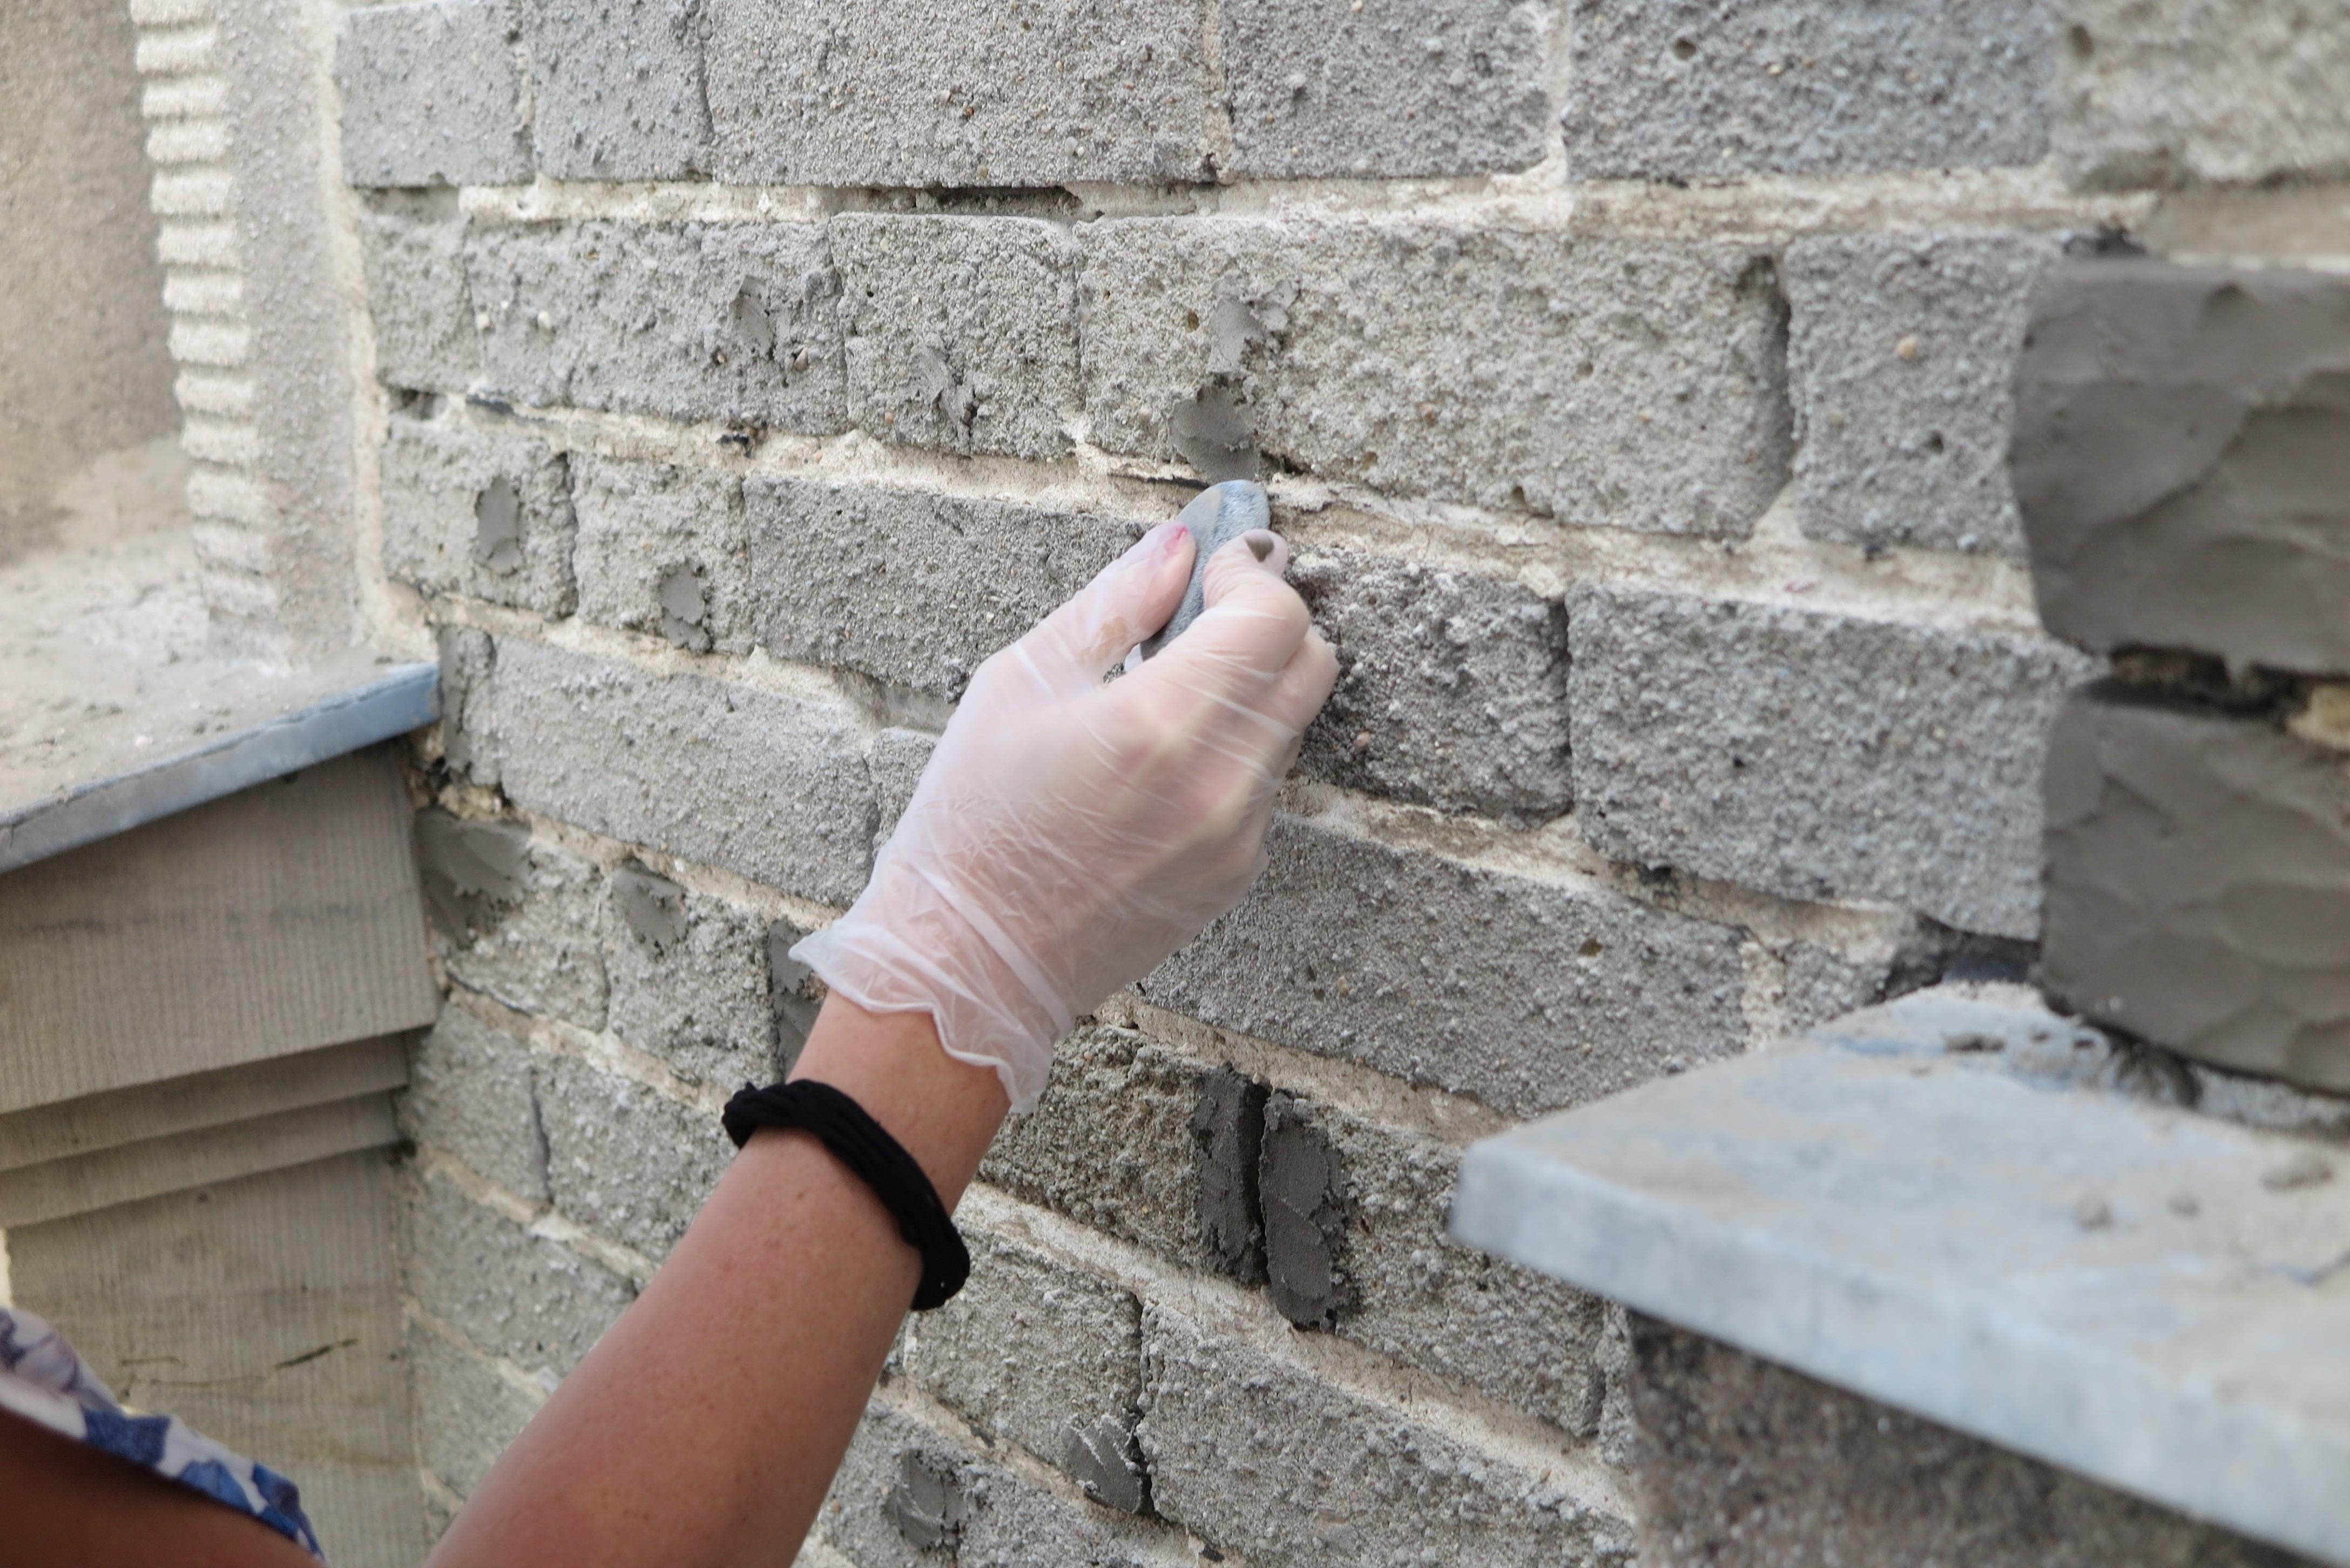 Przygotowanie masy cementowo-piaskowej i uzupełnianie ubytków cegieł na elewacji Uniwersytetu Morskiego.